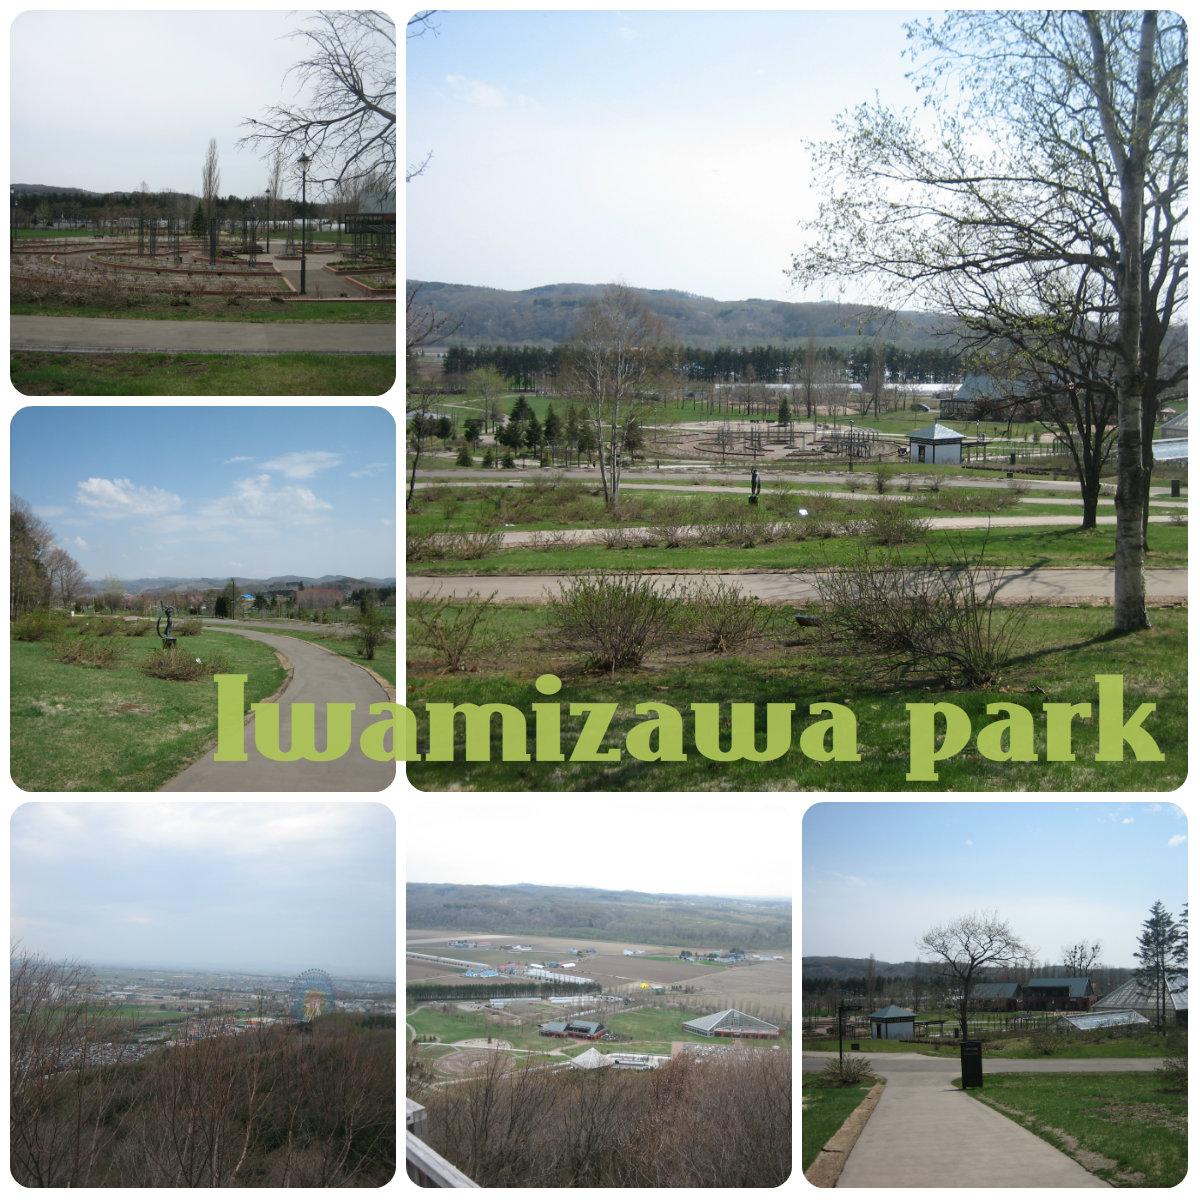 iwamizawapark2.jpg